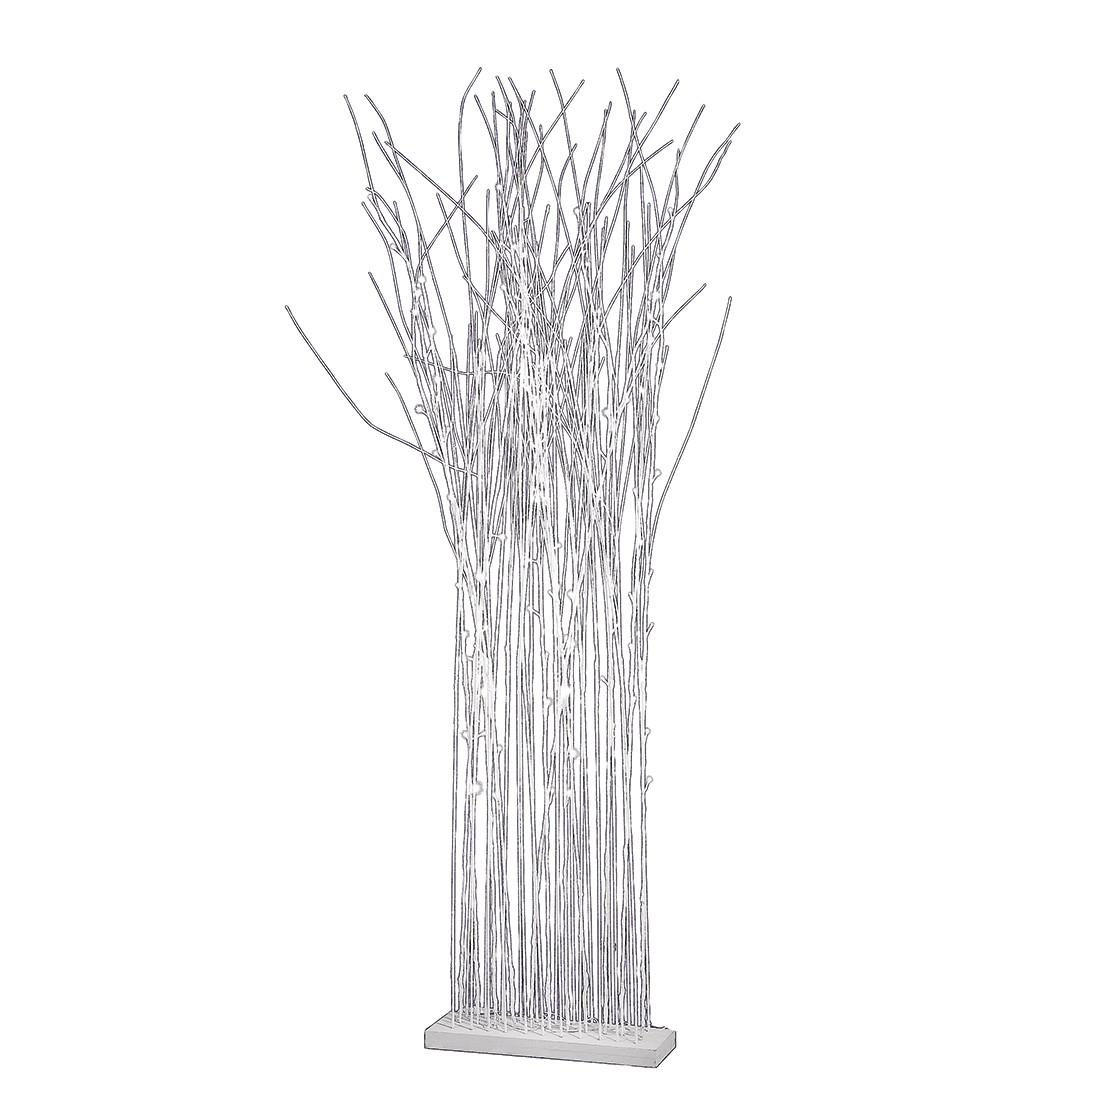 EEK A+, Lampadaire Forest by Leuchten Direkt - Tressage Blanc 60 ampoules, Leuchten Direkt